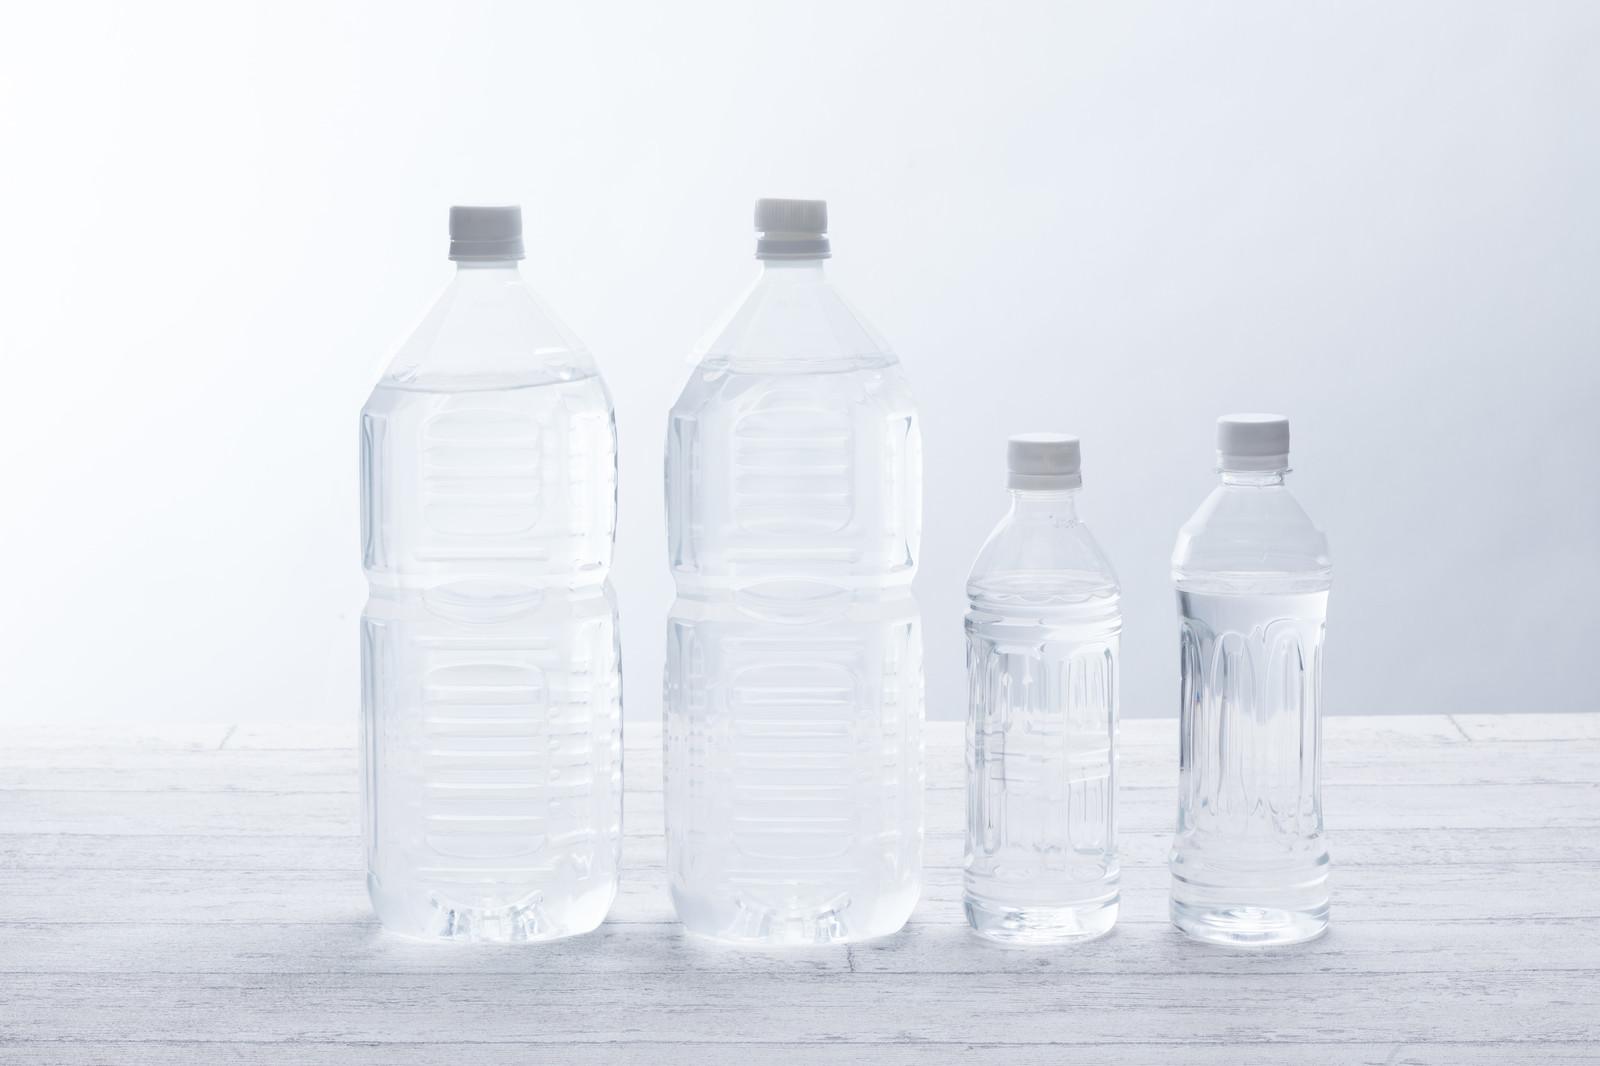 記録的猛暑による飲料不足の現状をなぜメディアは取り上げないのか?